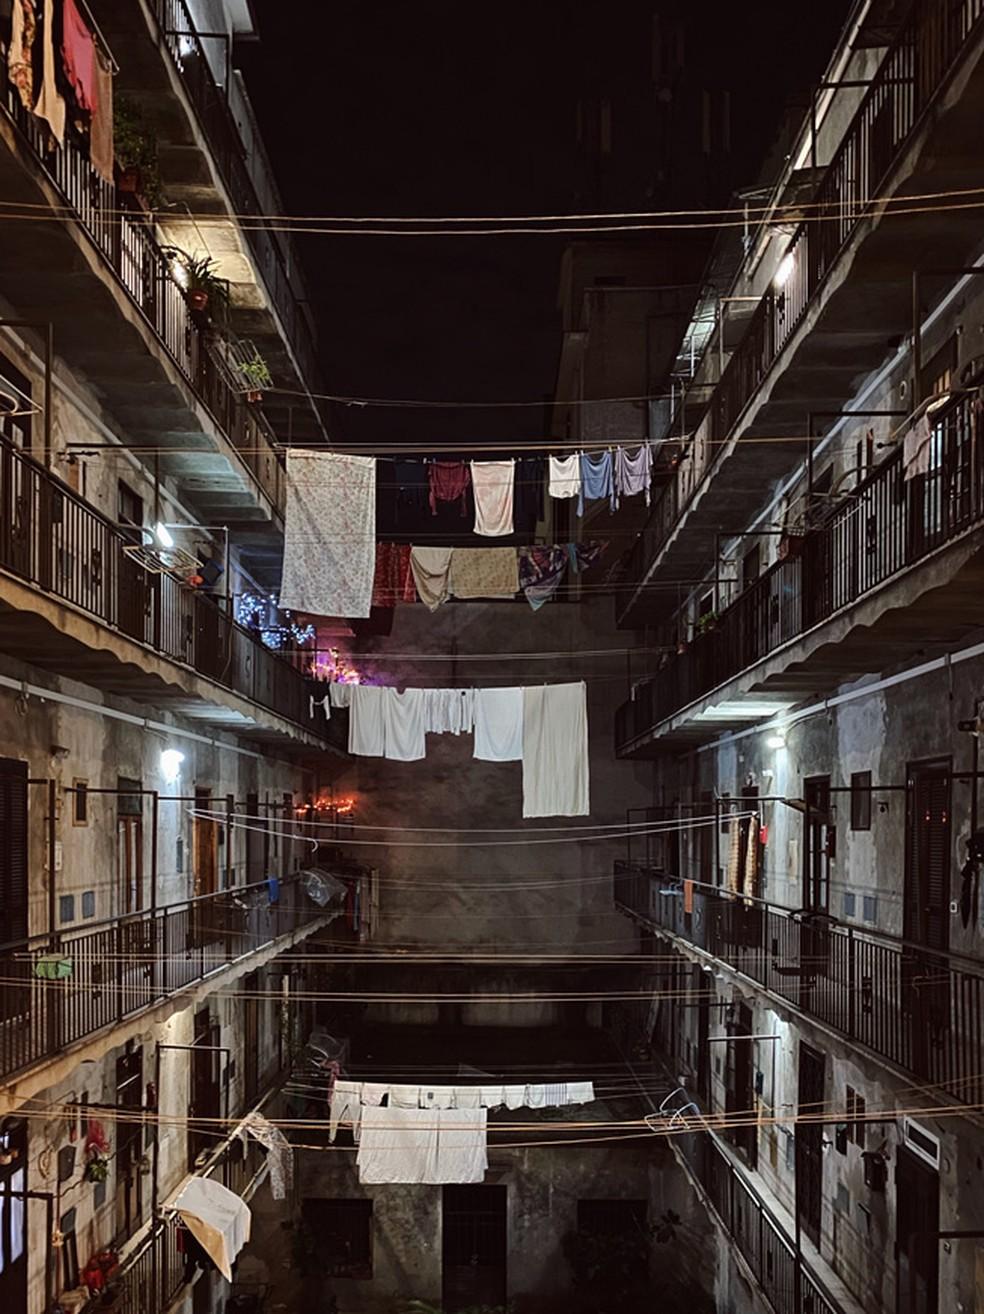 O fotógrafo utilizou a técnica da simetria para capturar um ambiente densamente povoado — Foto: Reprodução/Instagram/@houdini_logic